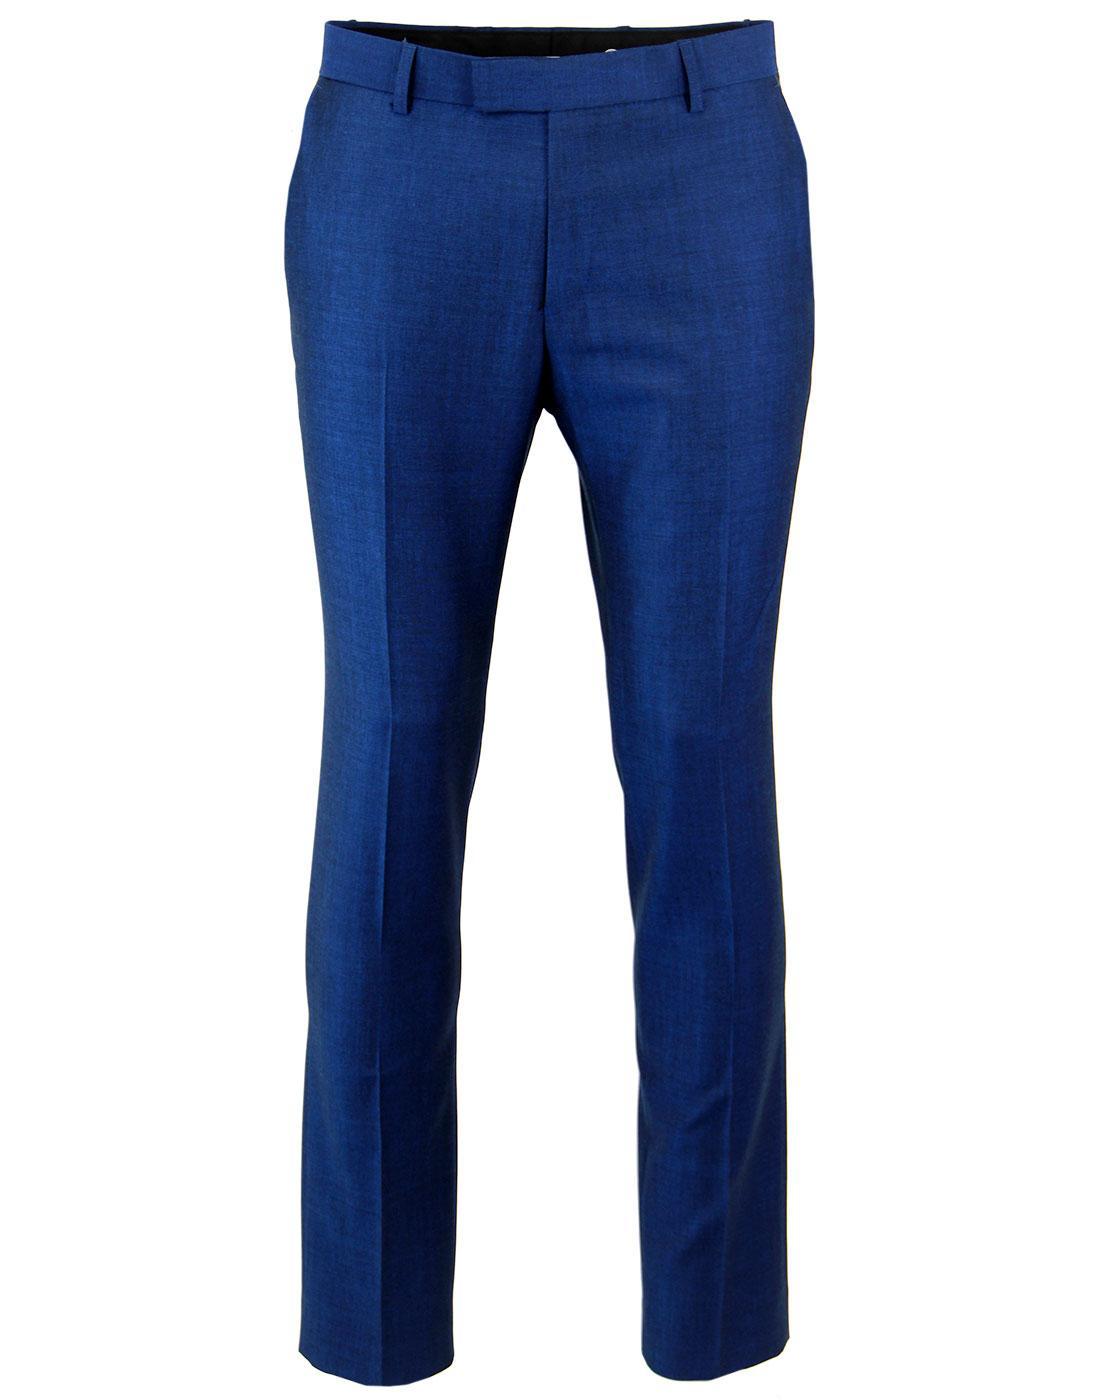 MADCAP ENGLAND Mod Mohair Tonic Slim Suit Trousers